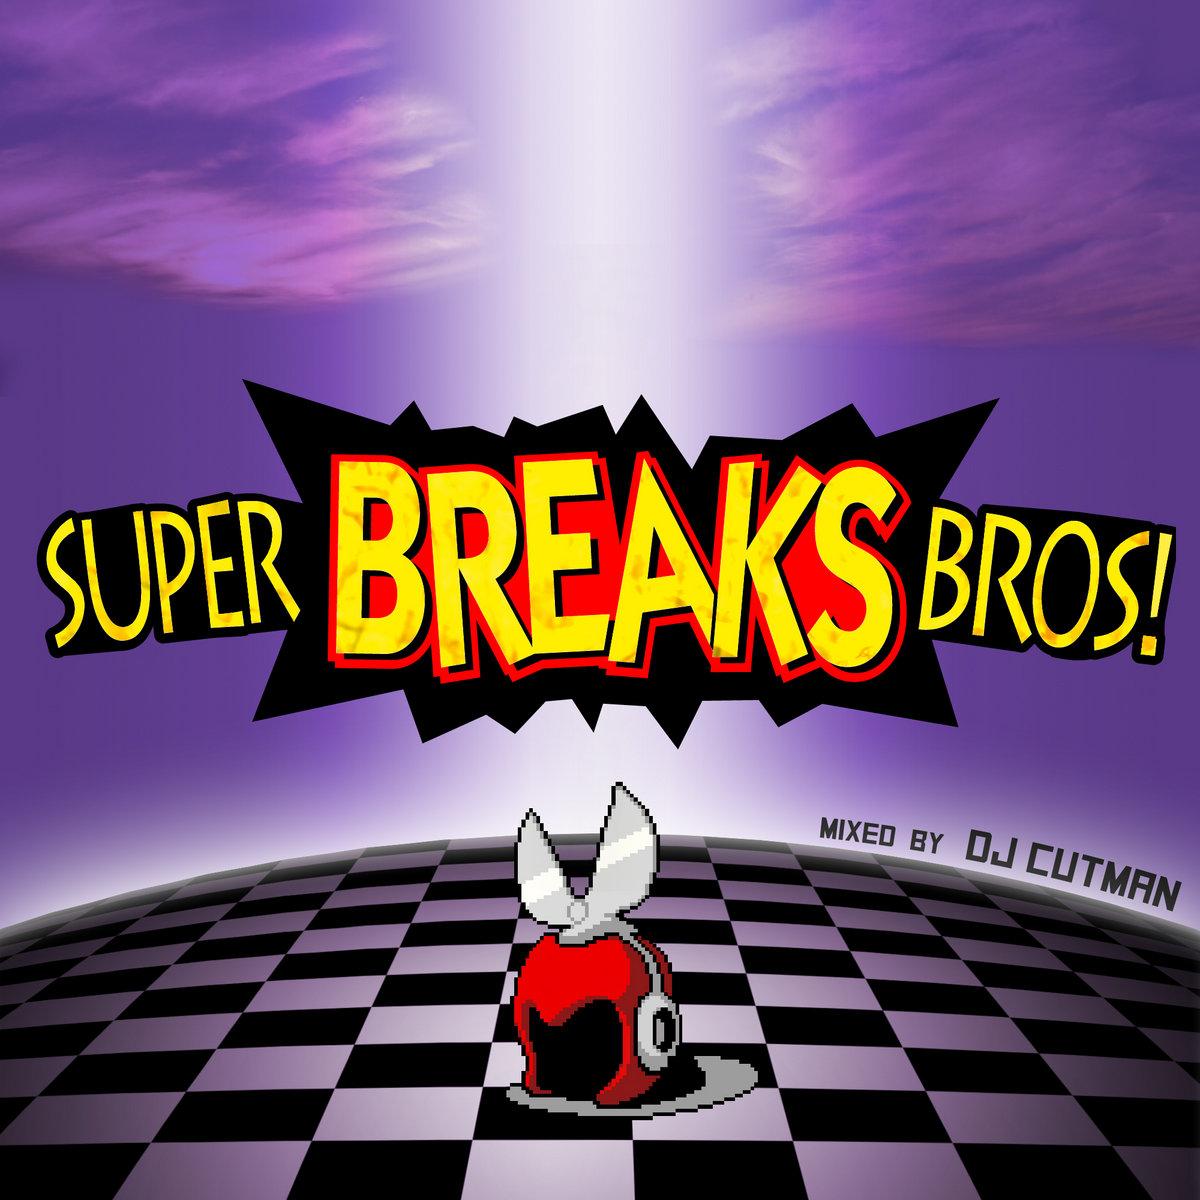 Super BREAKS Bros! | Dj CUTMAN